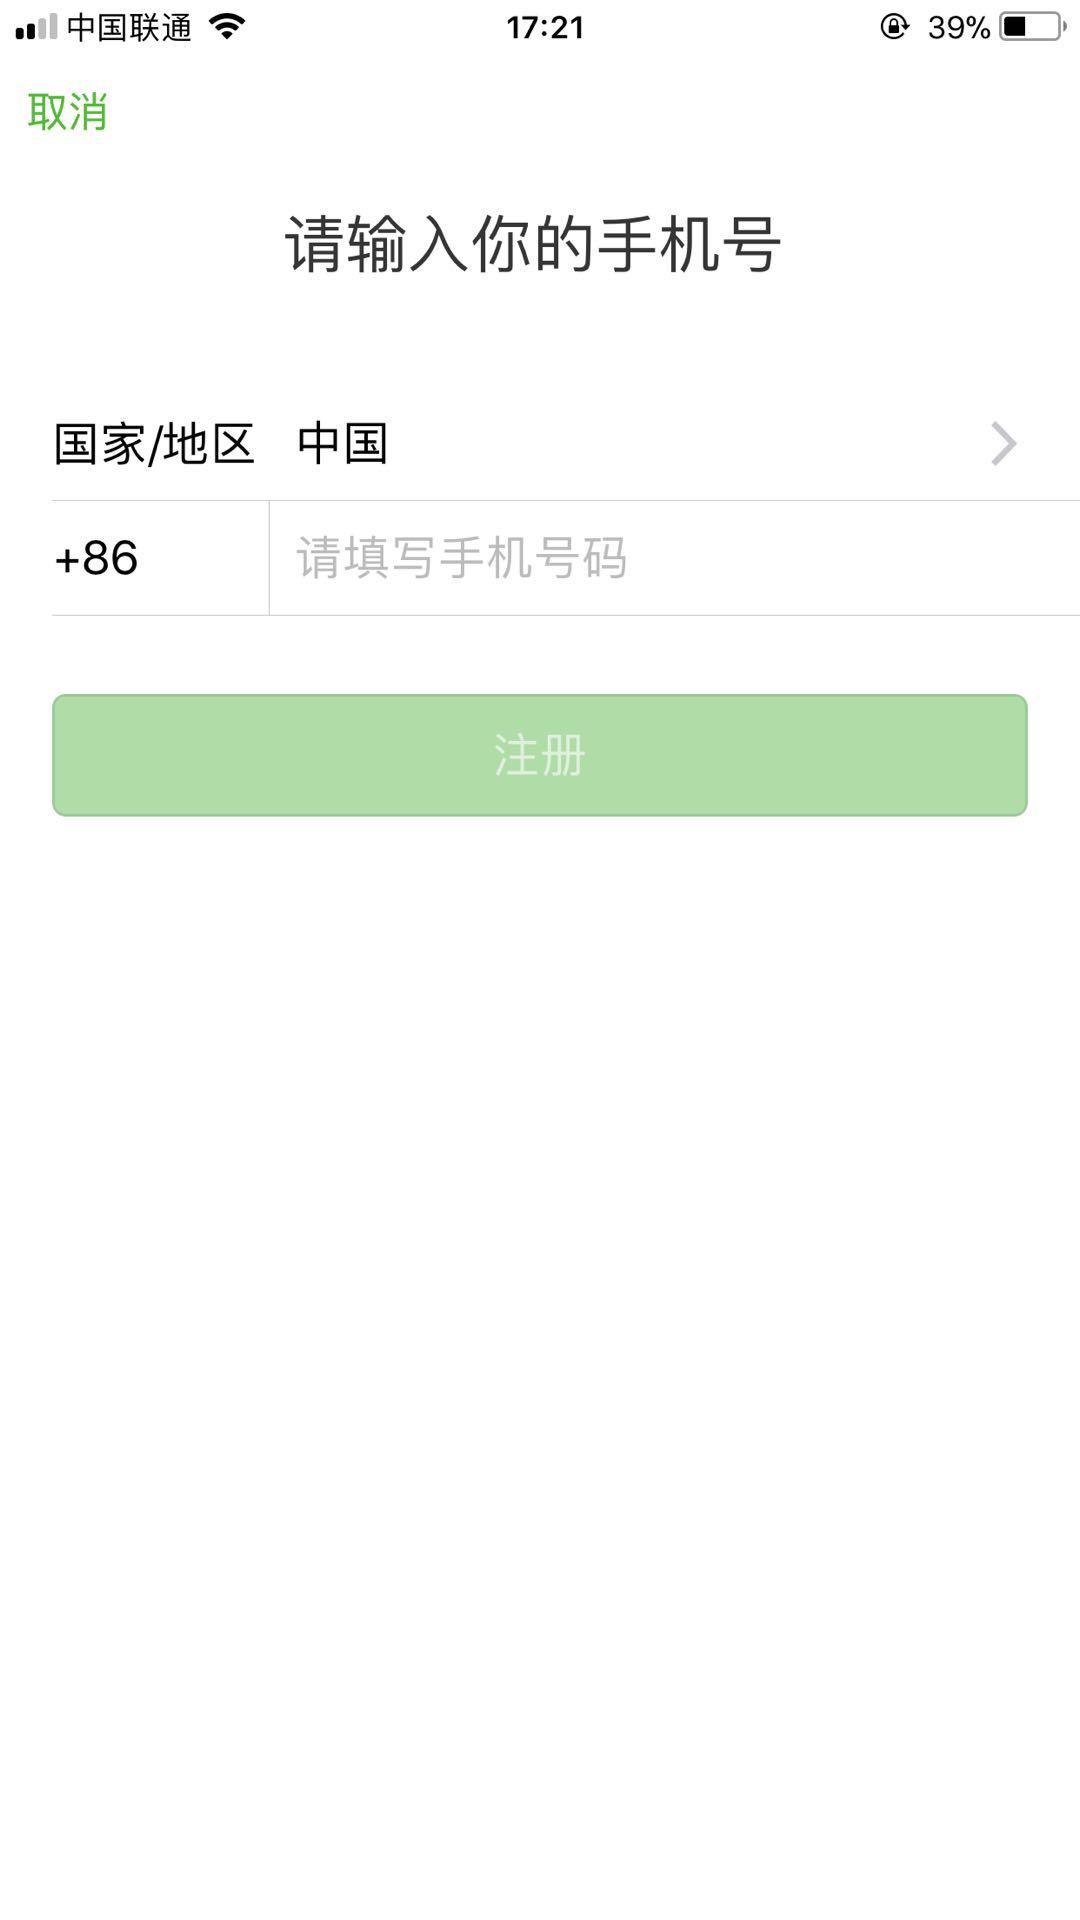 微信注册_使用邮箱可以注册微信吗?_百度知道